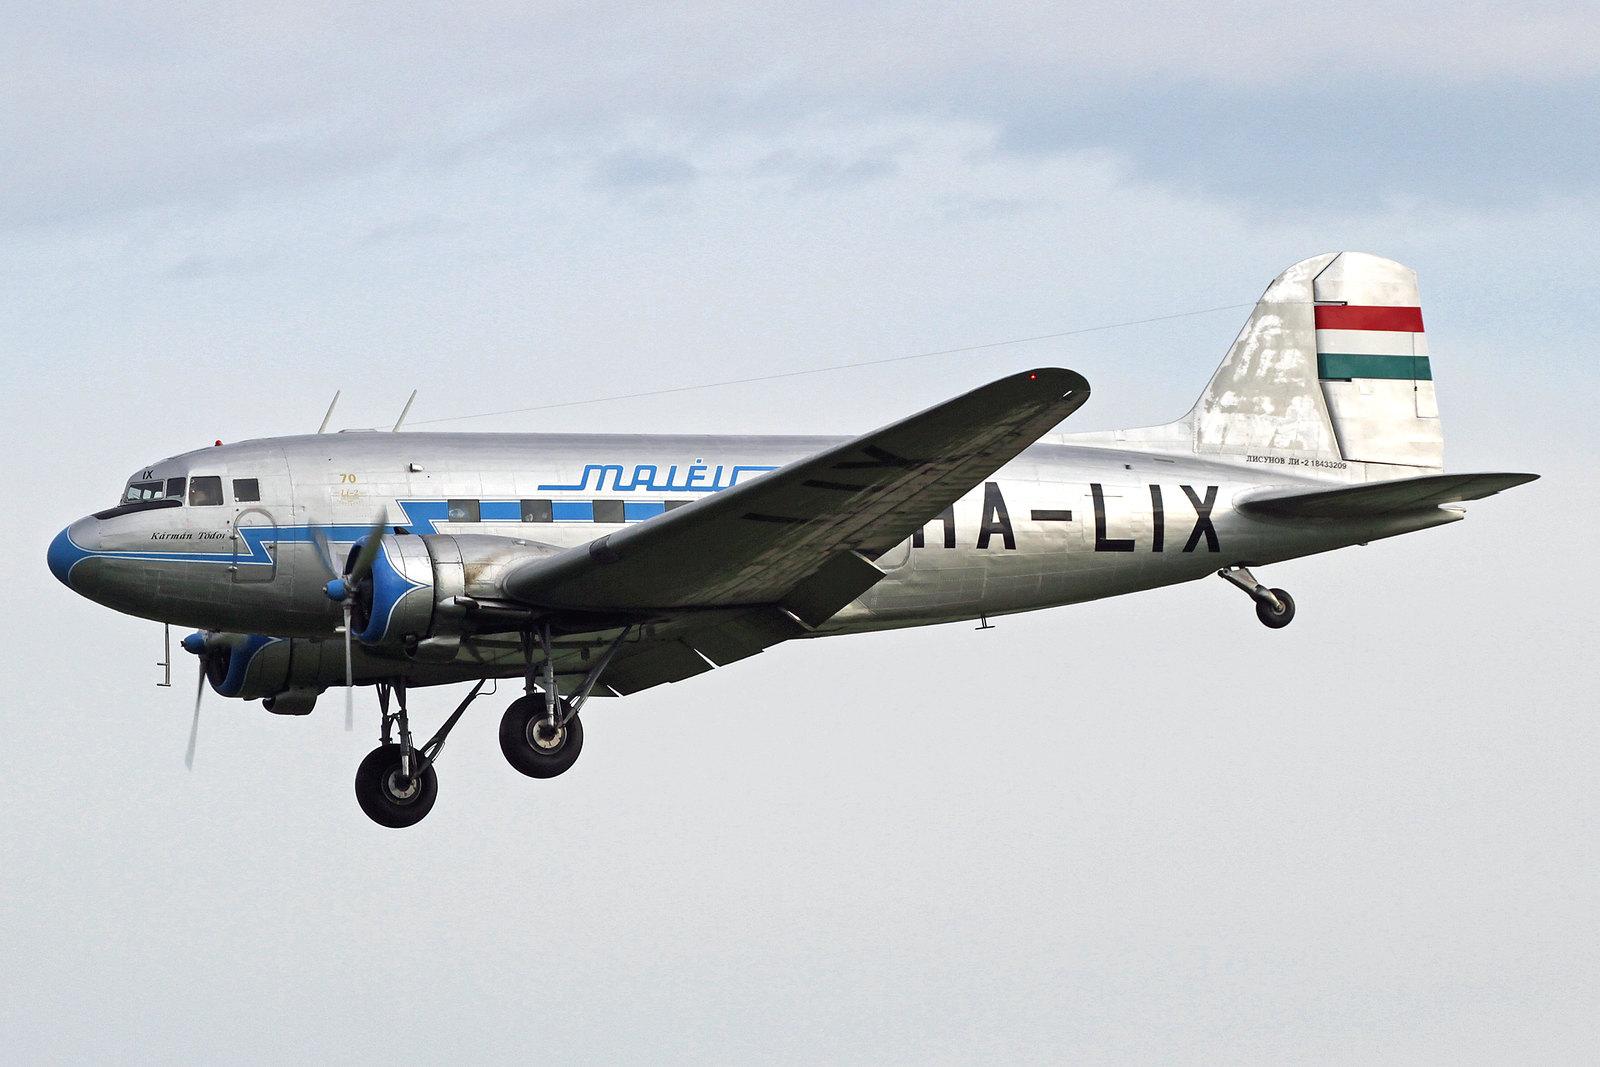 HA-LIX - Ein aussergewöhnlicher Gast in Wiesbaden war die Lisunov Li-2, eine sowjetische Version der Douglas DC-3, die dort in Lizens produziert wurde. Die HA–LIX trägt die Farben der Malév aus den 1960er. Hier ist sie beim Anflug zur Landebahn 07 .